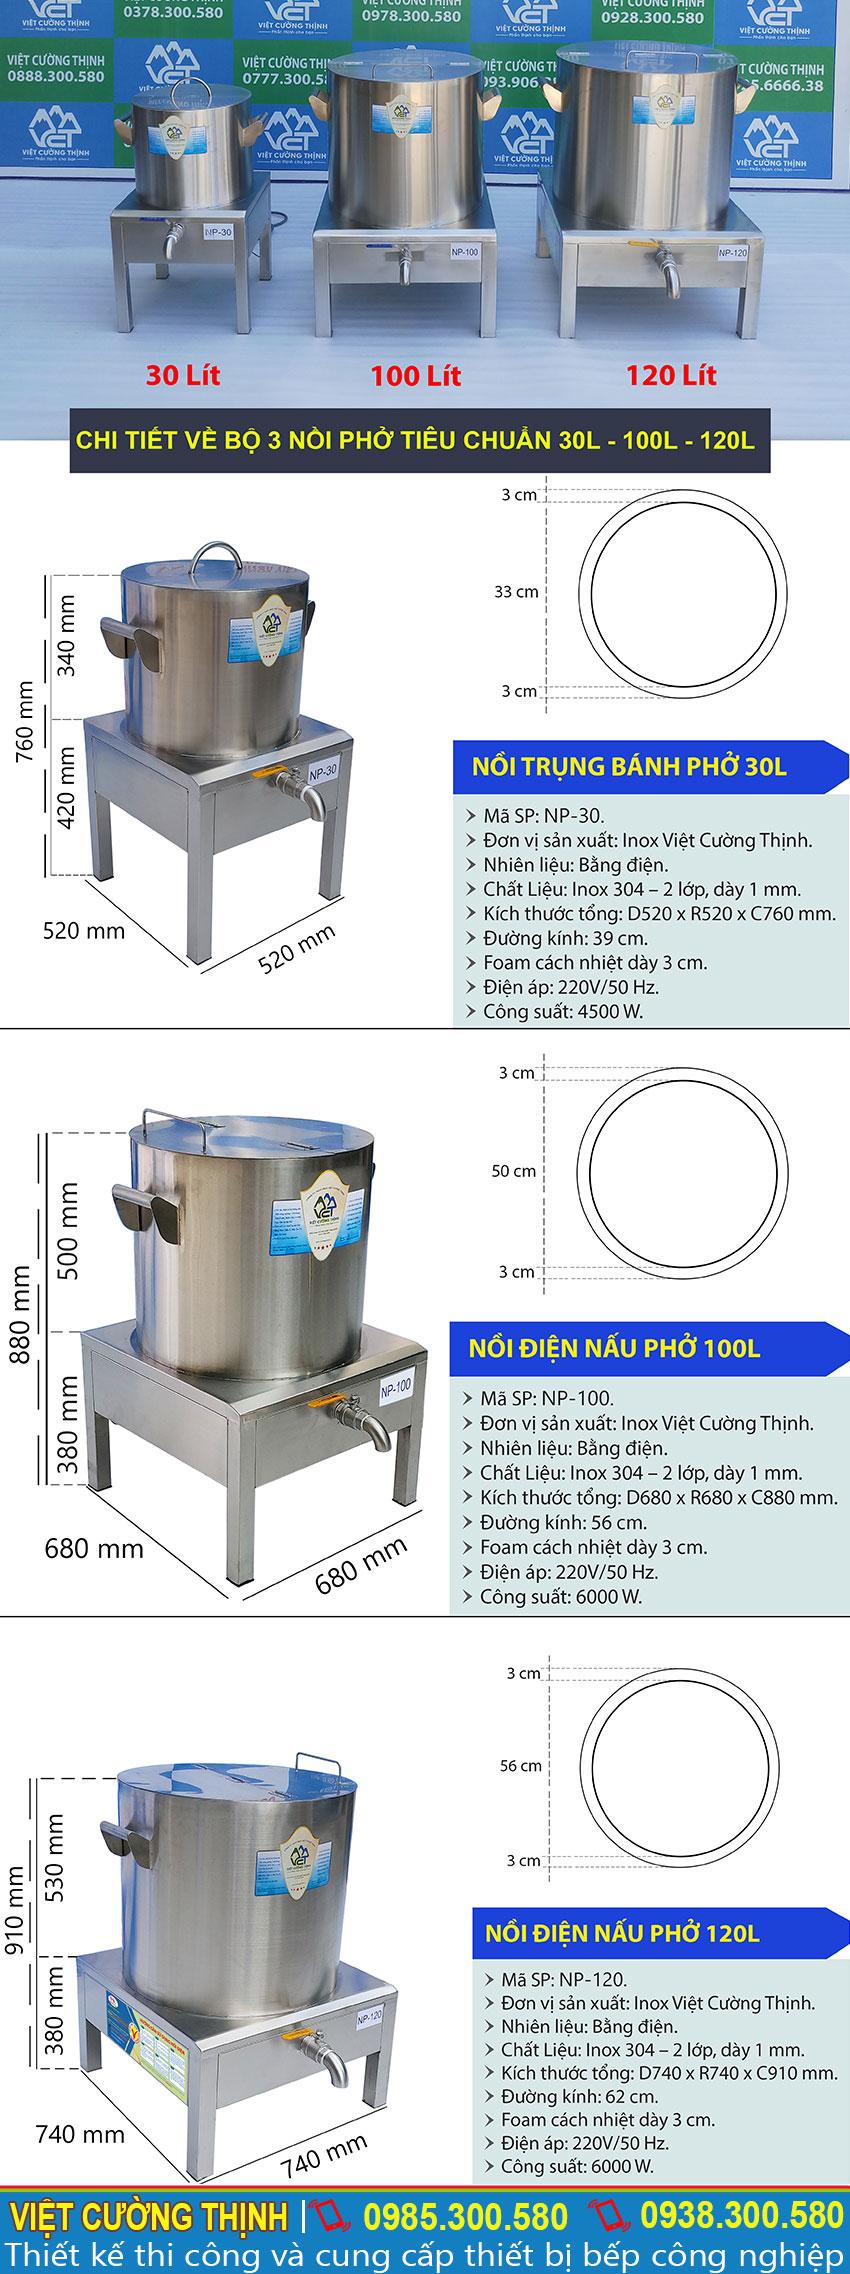 Thông số kỹ thuật Bộ Nồi Nấu Phở Công Nghiệp Bằng Điện Tiêu Chuẩn 30L-100L-120L